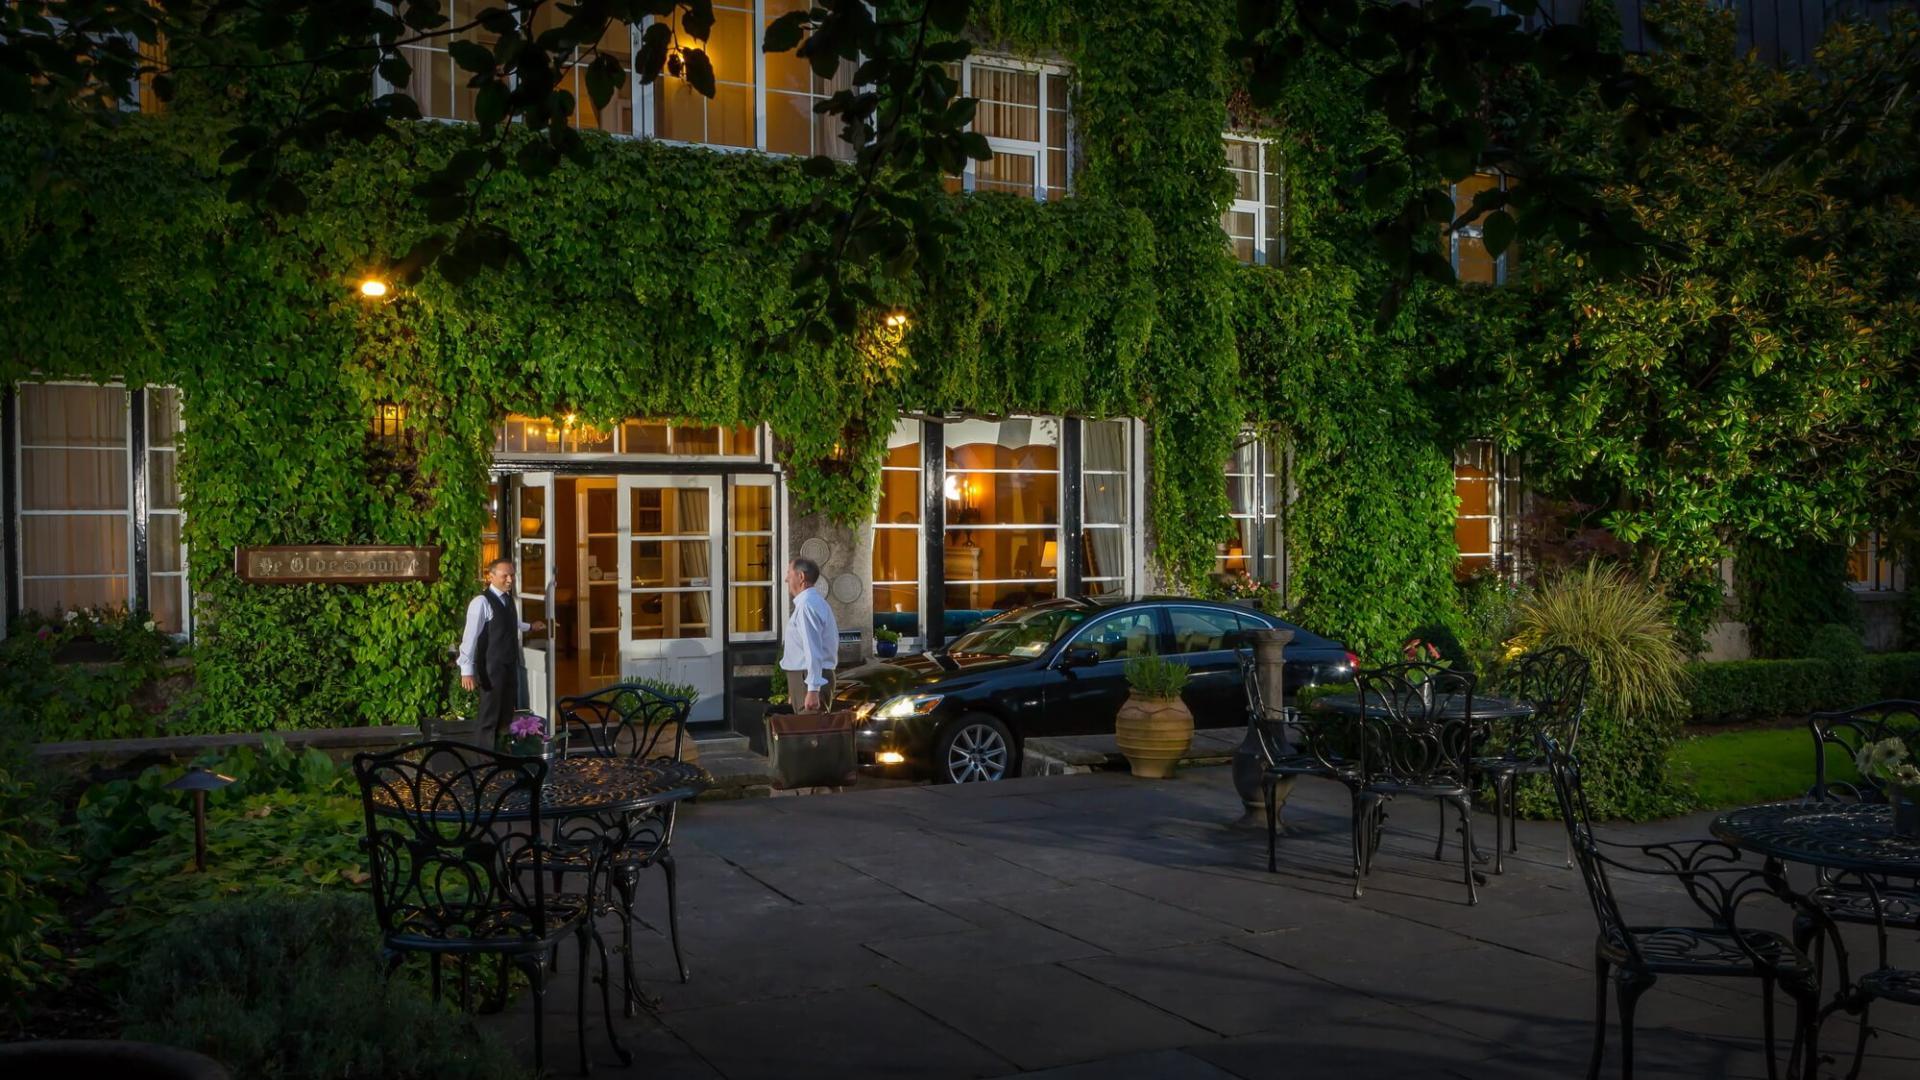 Old Ground Hotel Ennis, Clare | Hotels in Ennis | Ennis Ireland